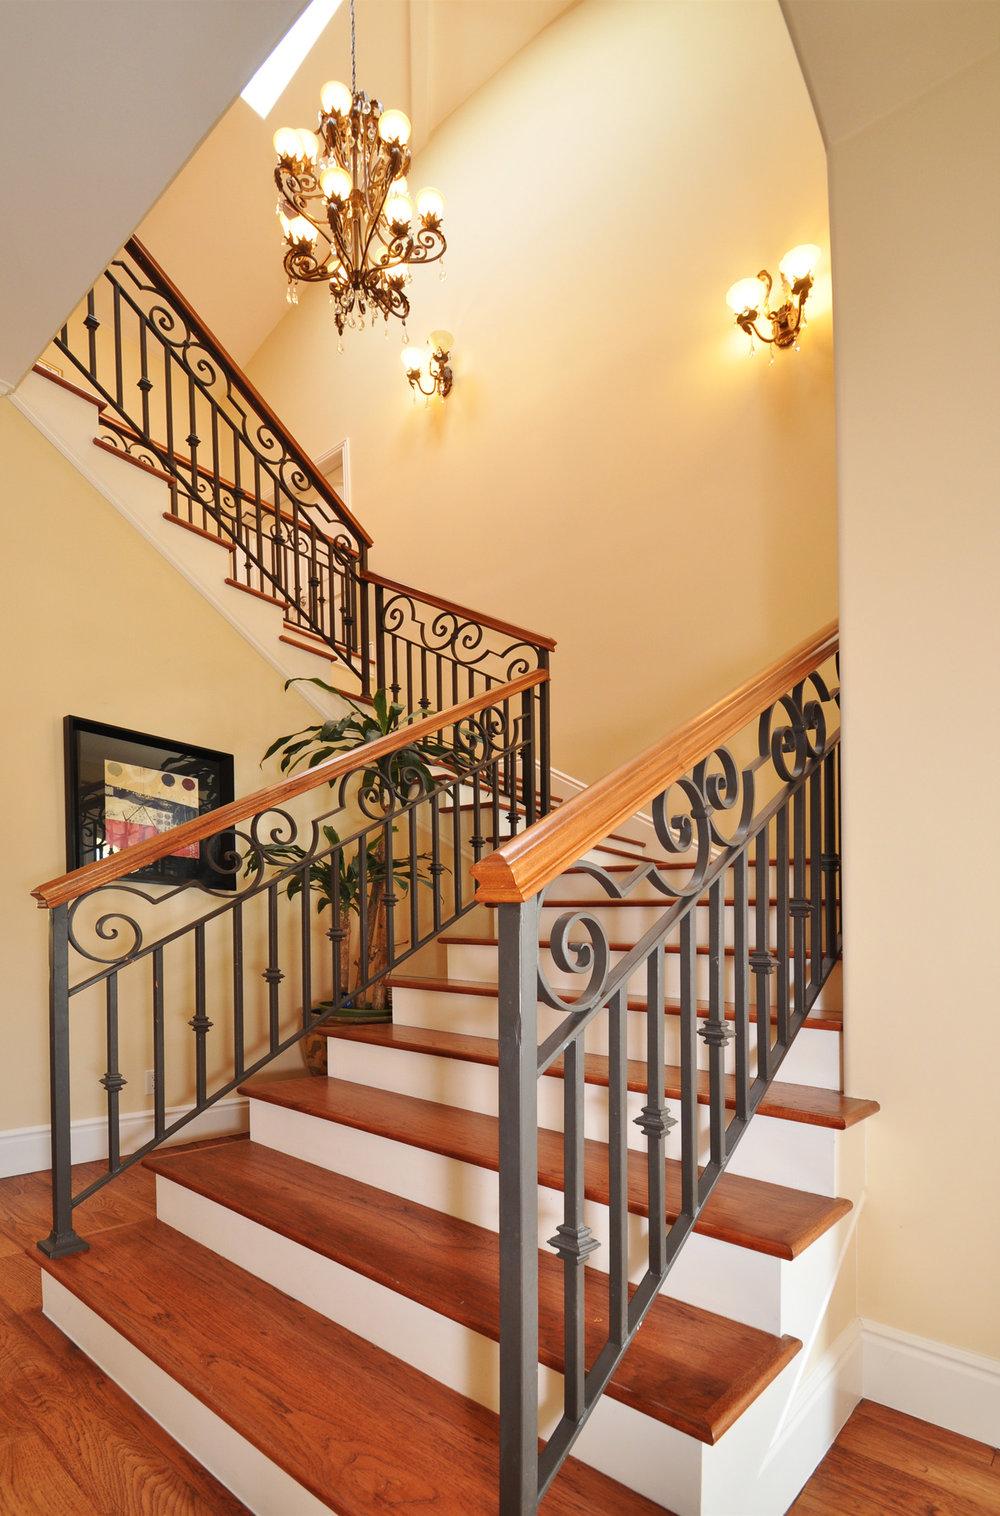 Poon_Stairs.jpg